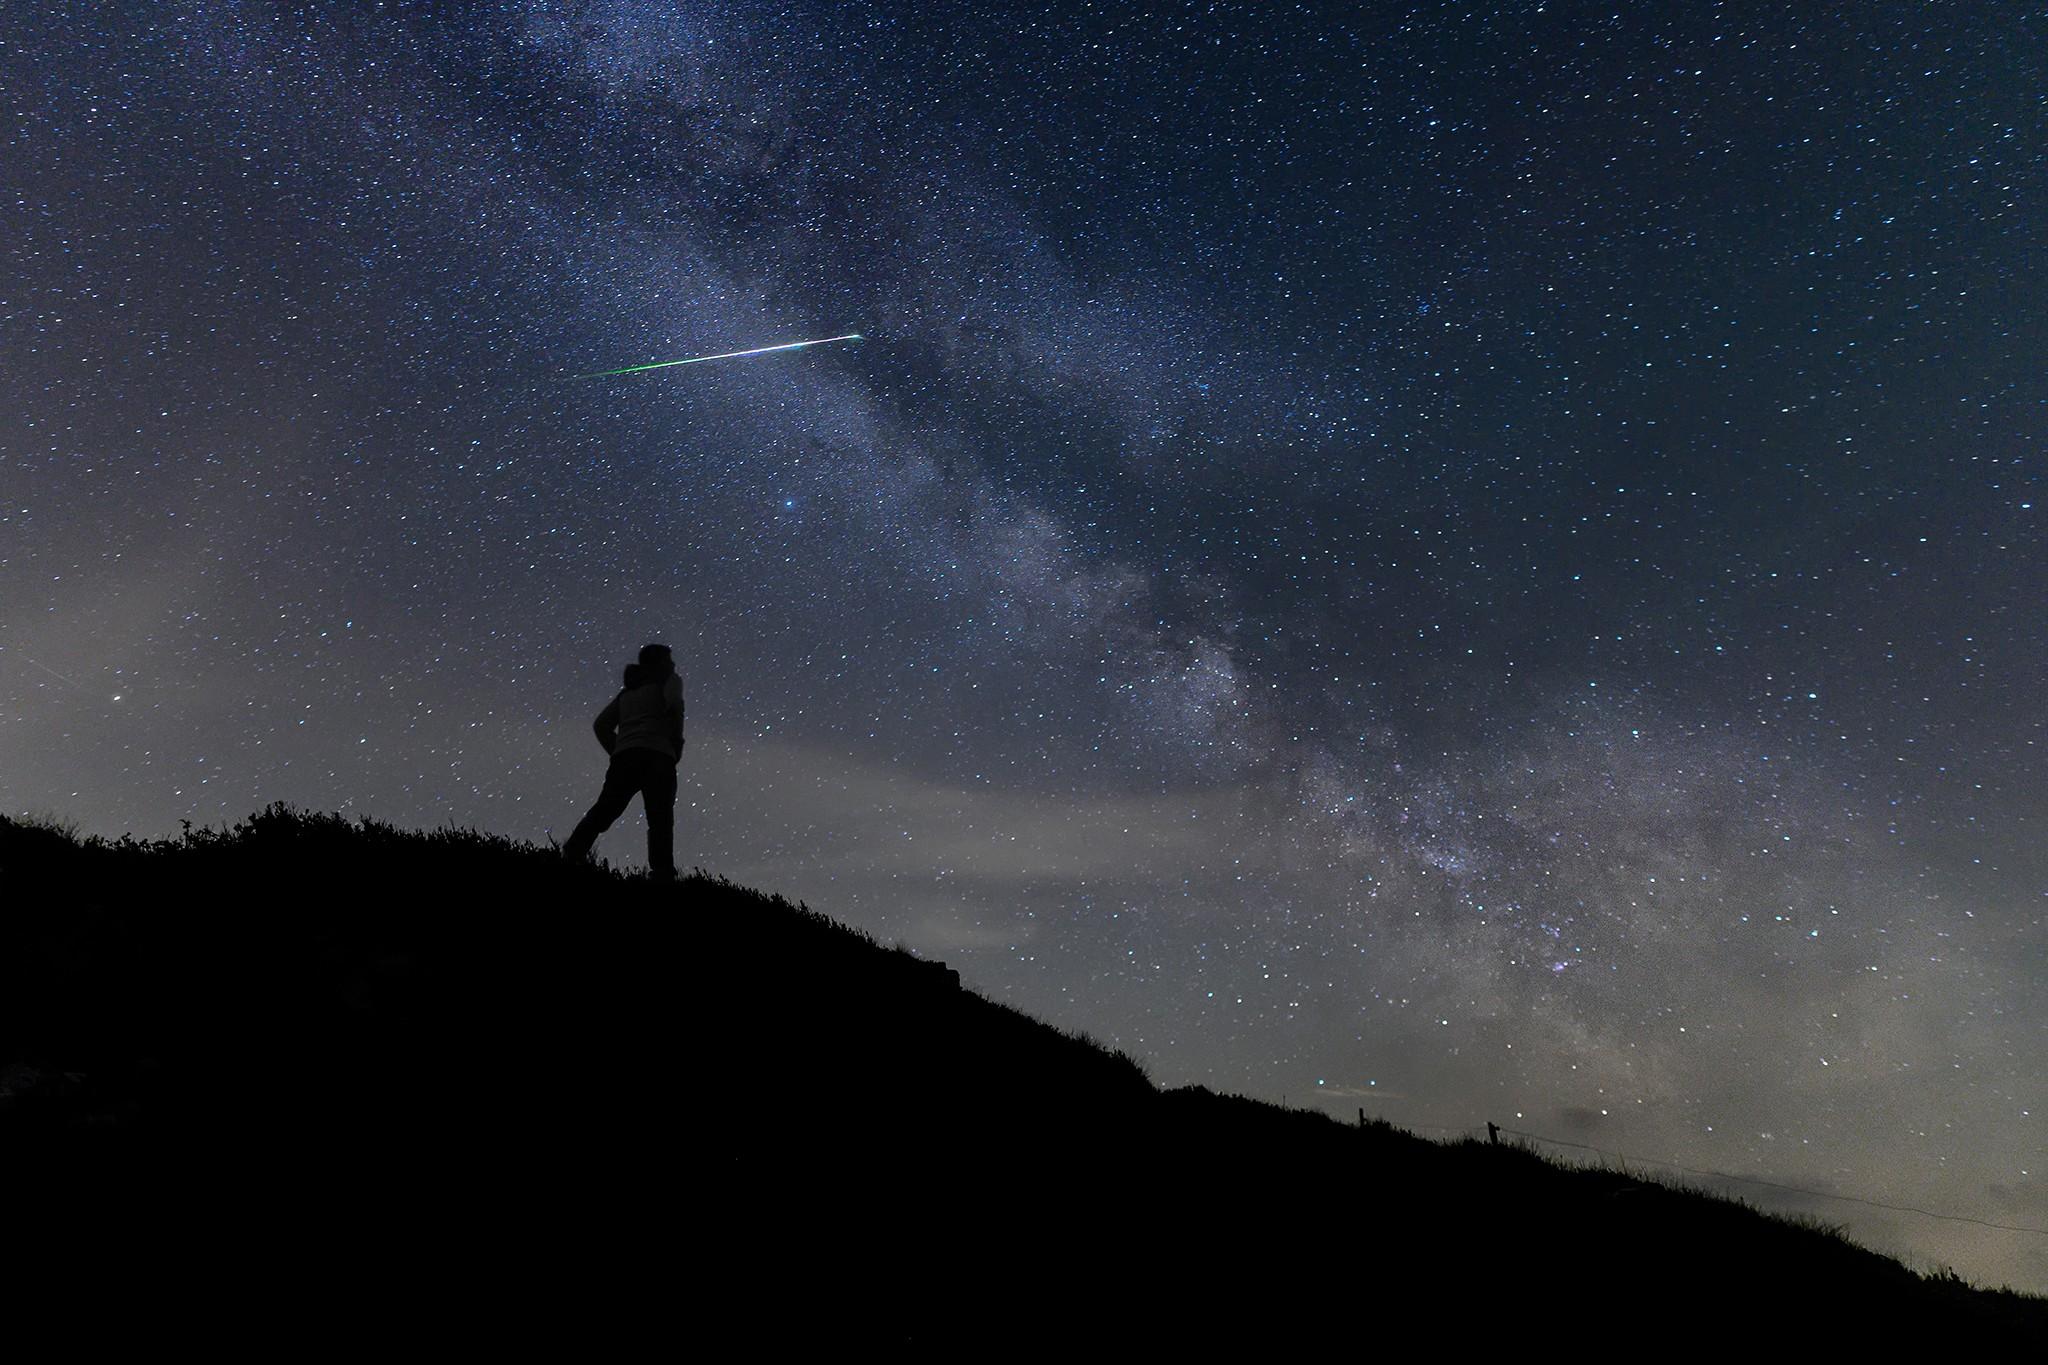 Voie lacée et météore traversant le ciel | Vosges © Pierre ROLIN - Photographe Nancy - Lorraine / Grand Est